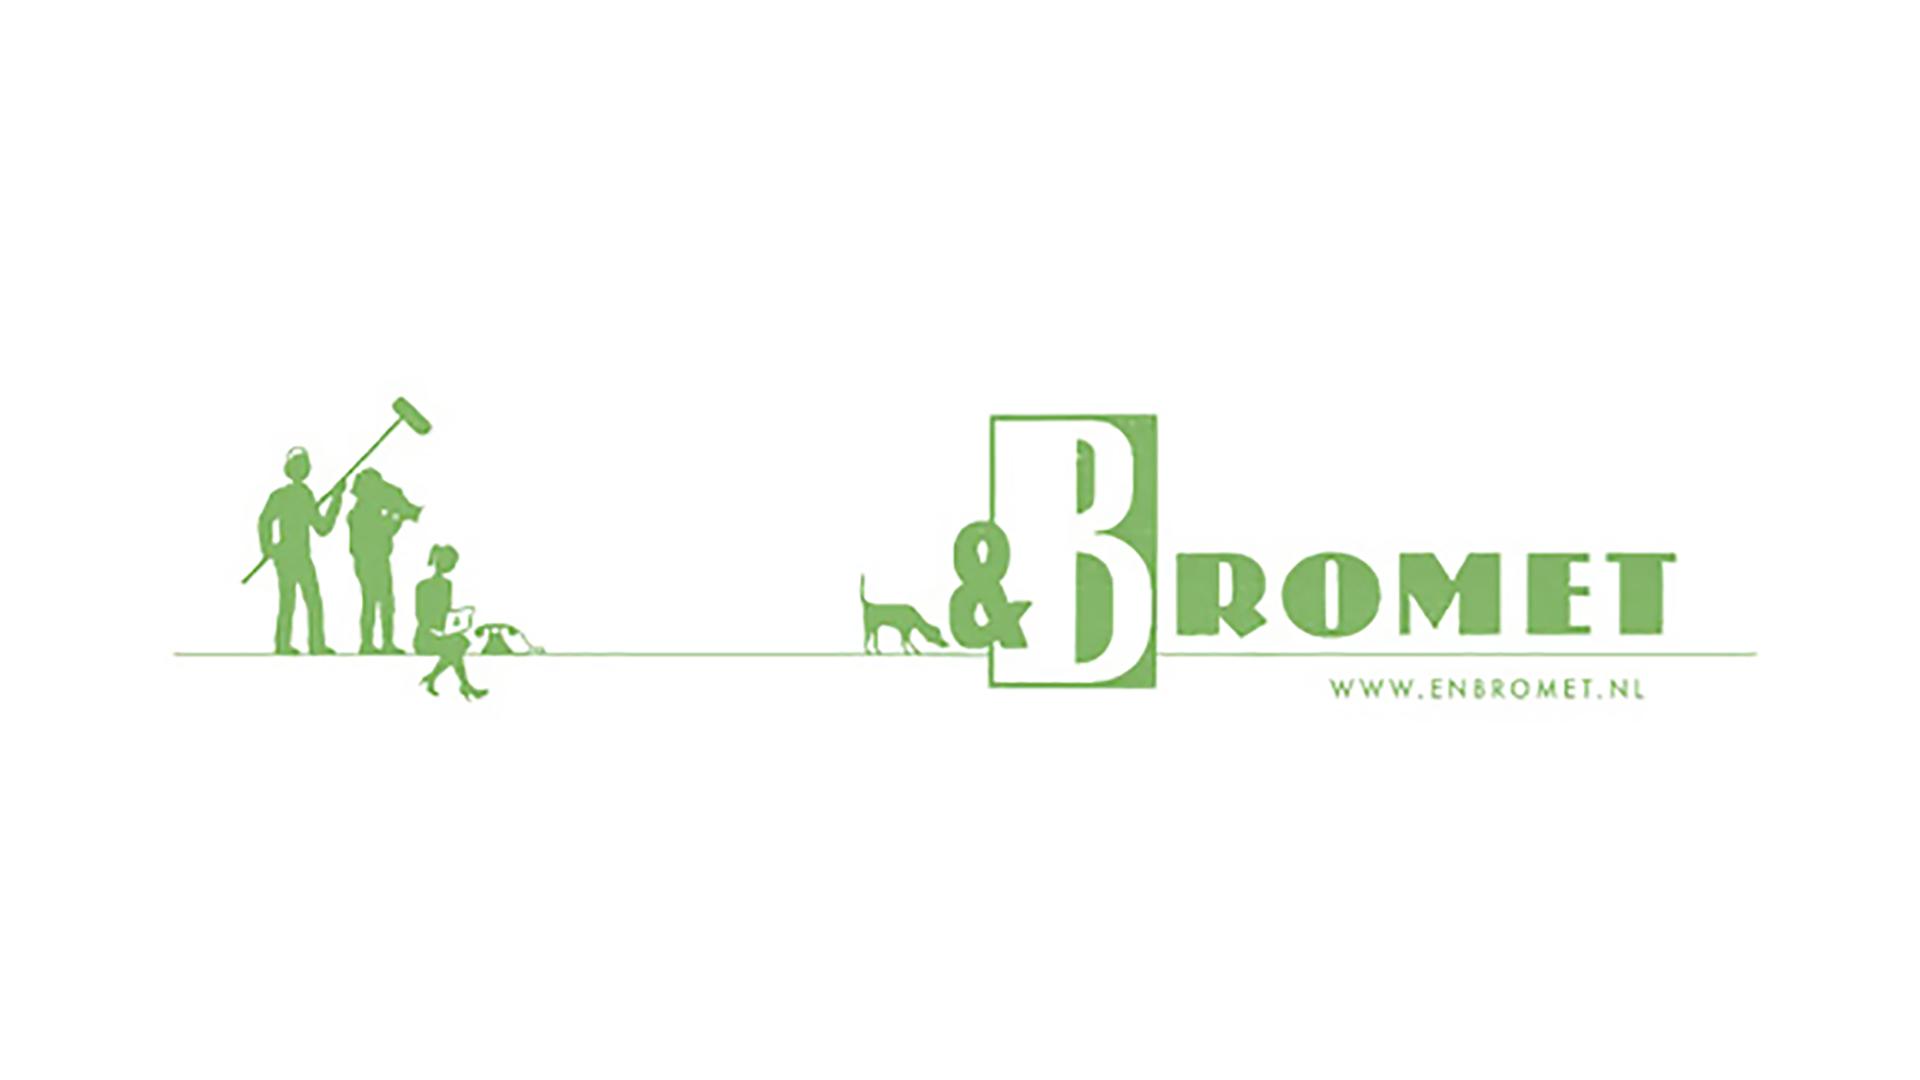 Logo &Bromet